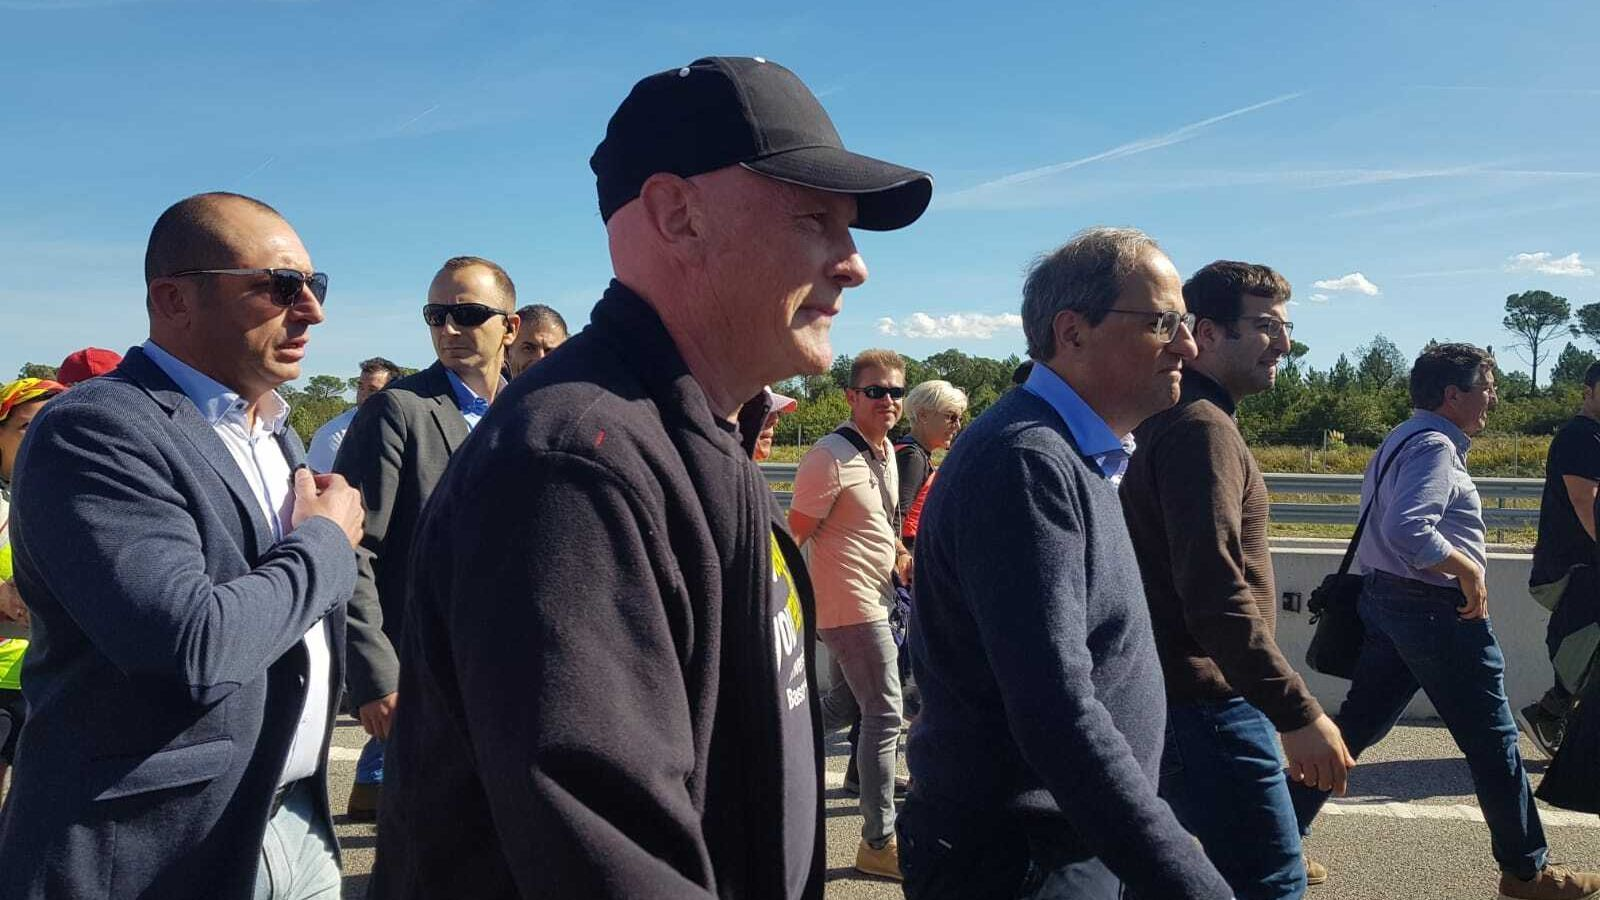 El president de la Generalitat, Quim Torra, participa en la Marxa de Girona